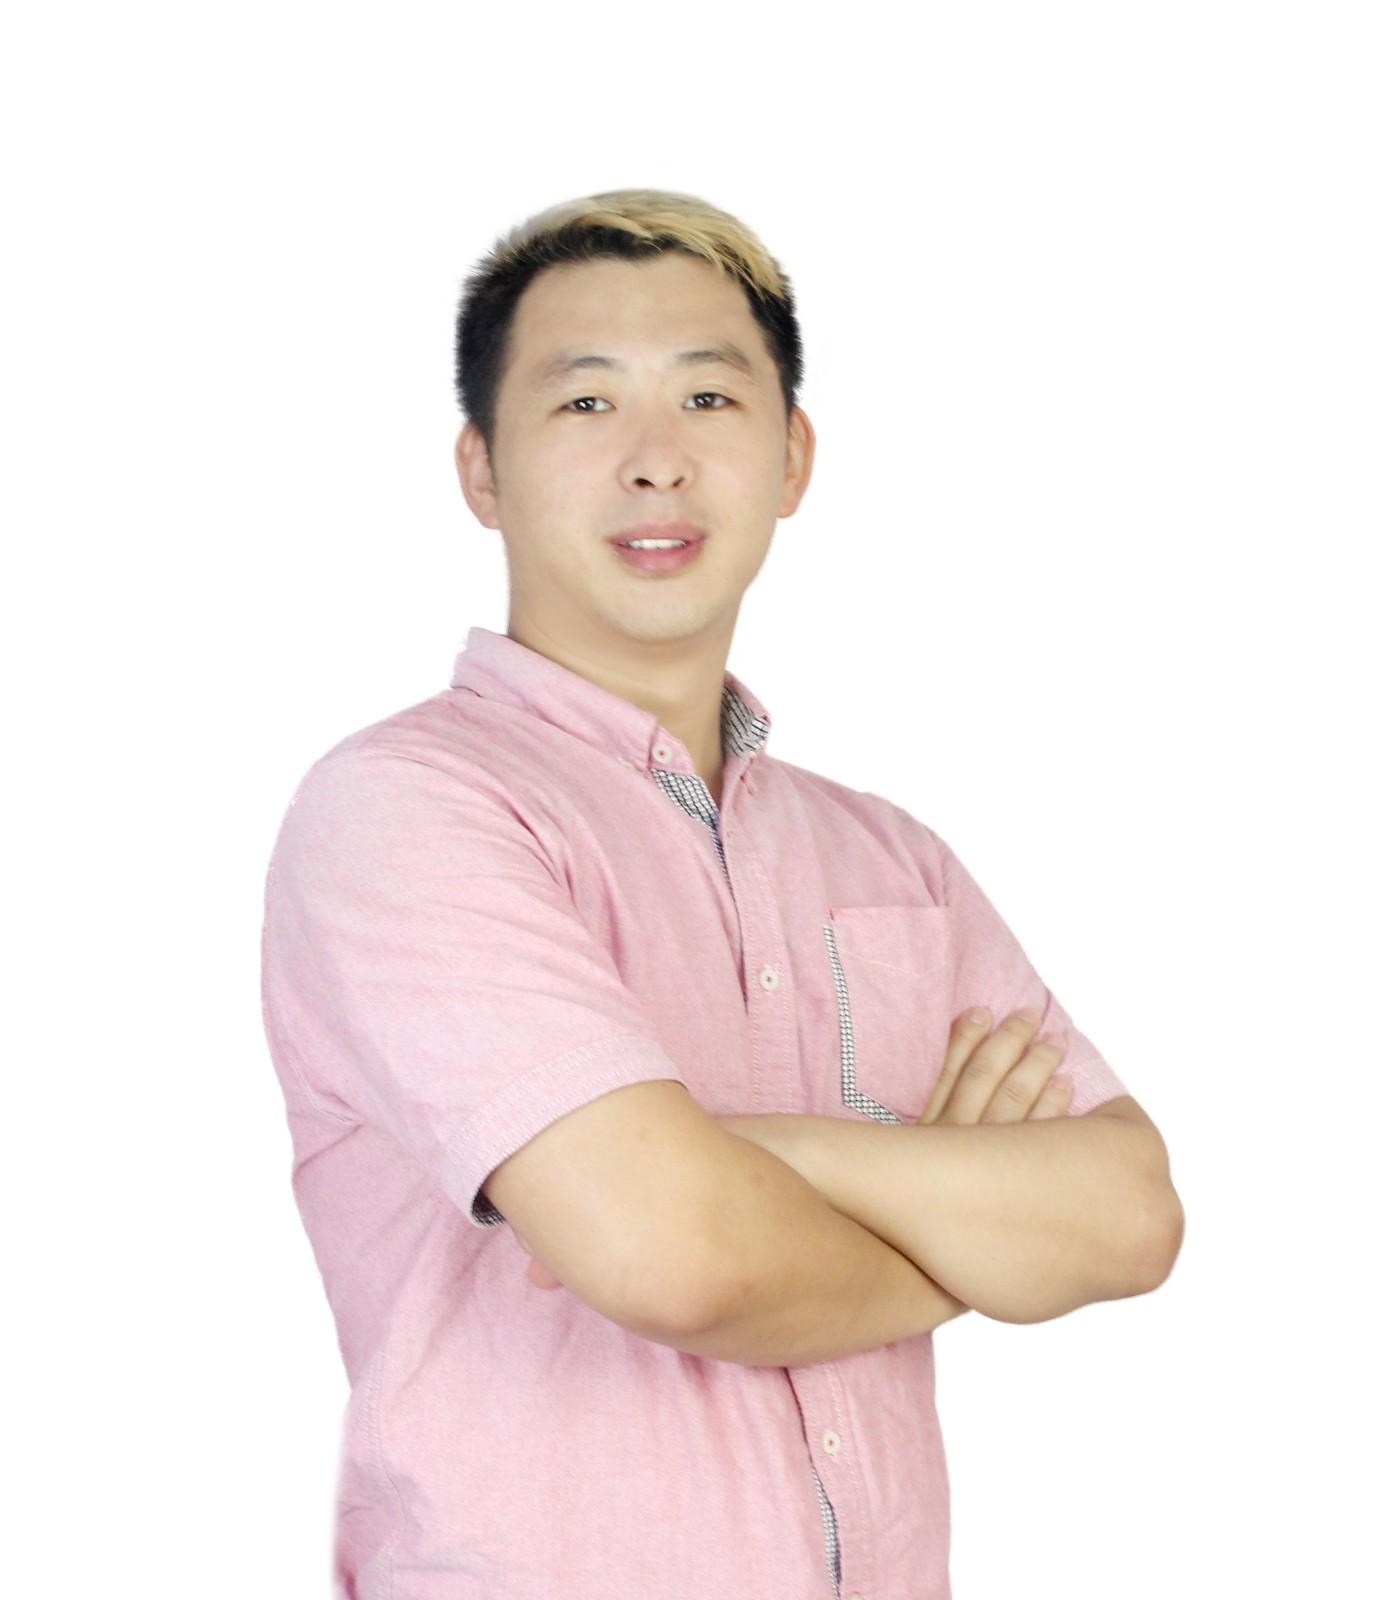 雲唯+CEO李宏洋.jpg